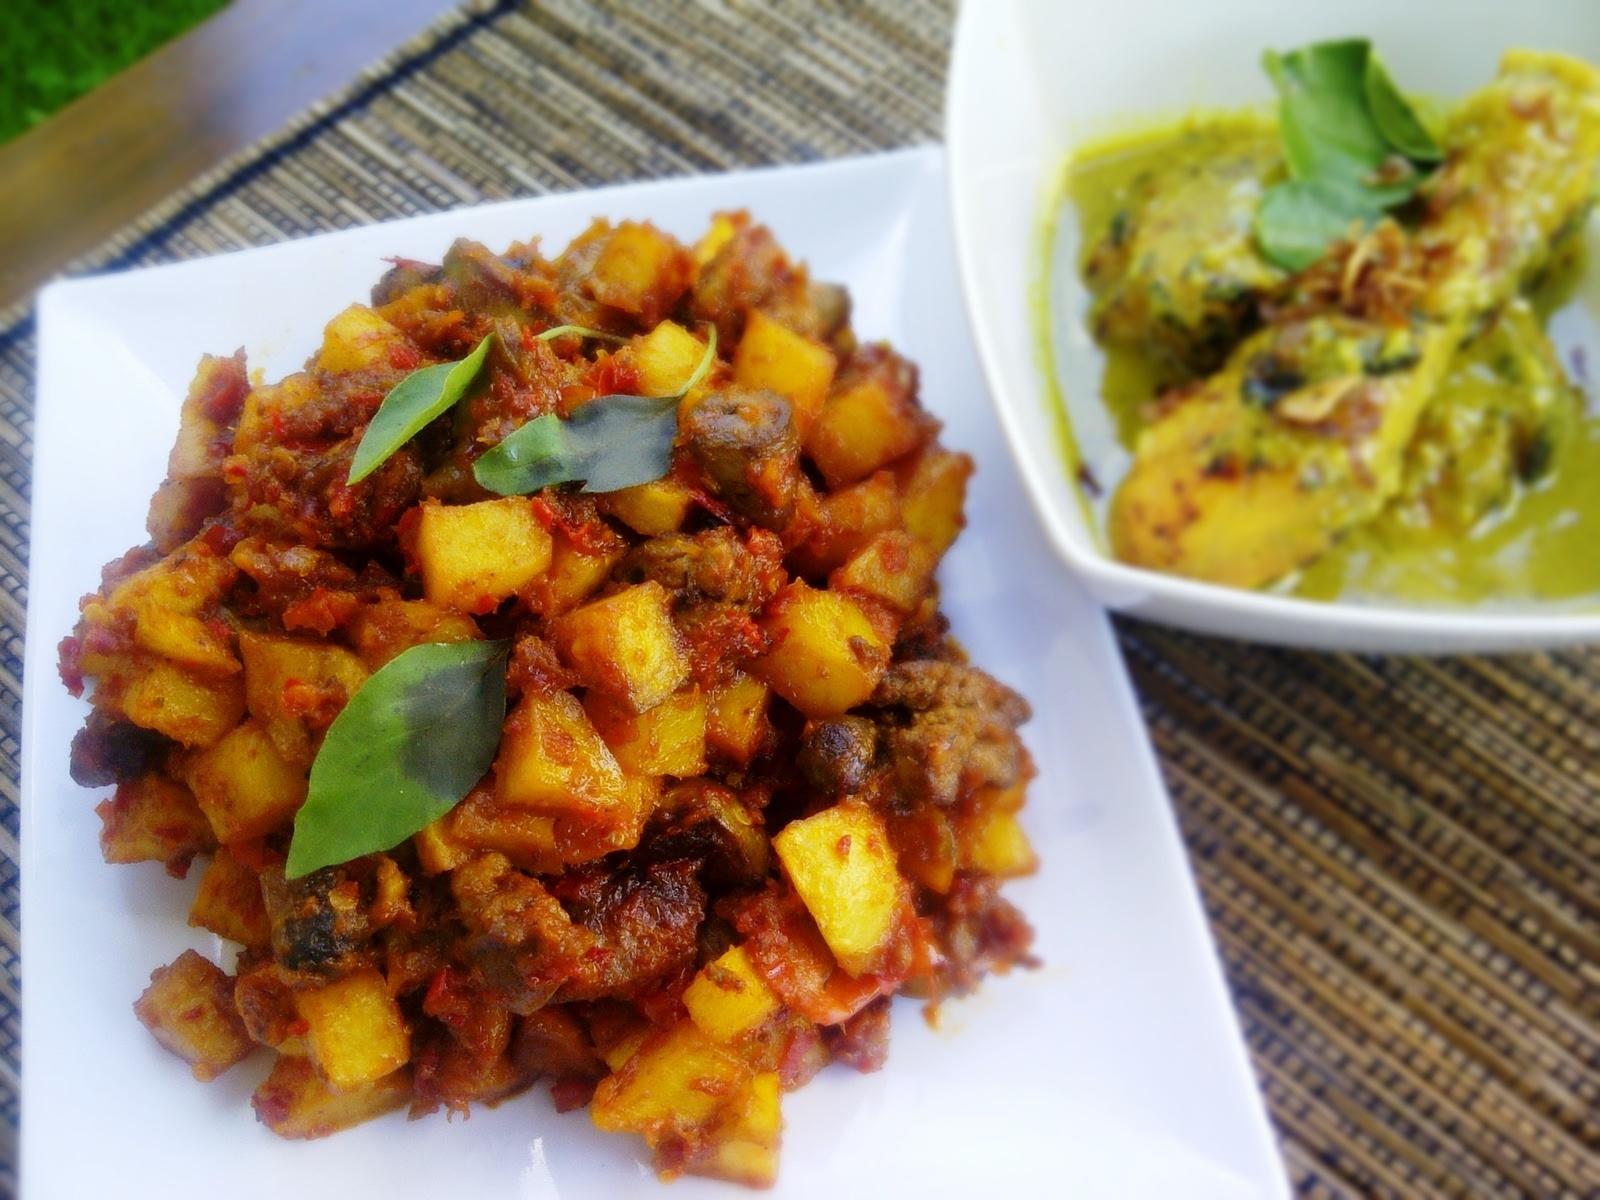 Resep sambal goreng ati kentang